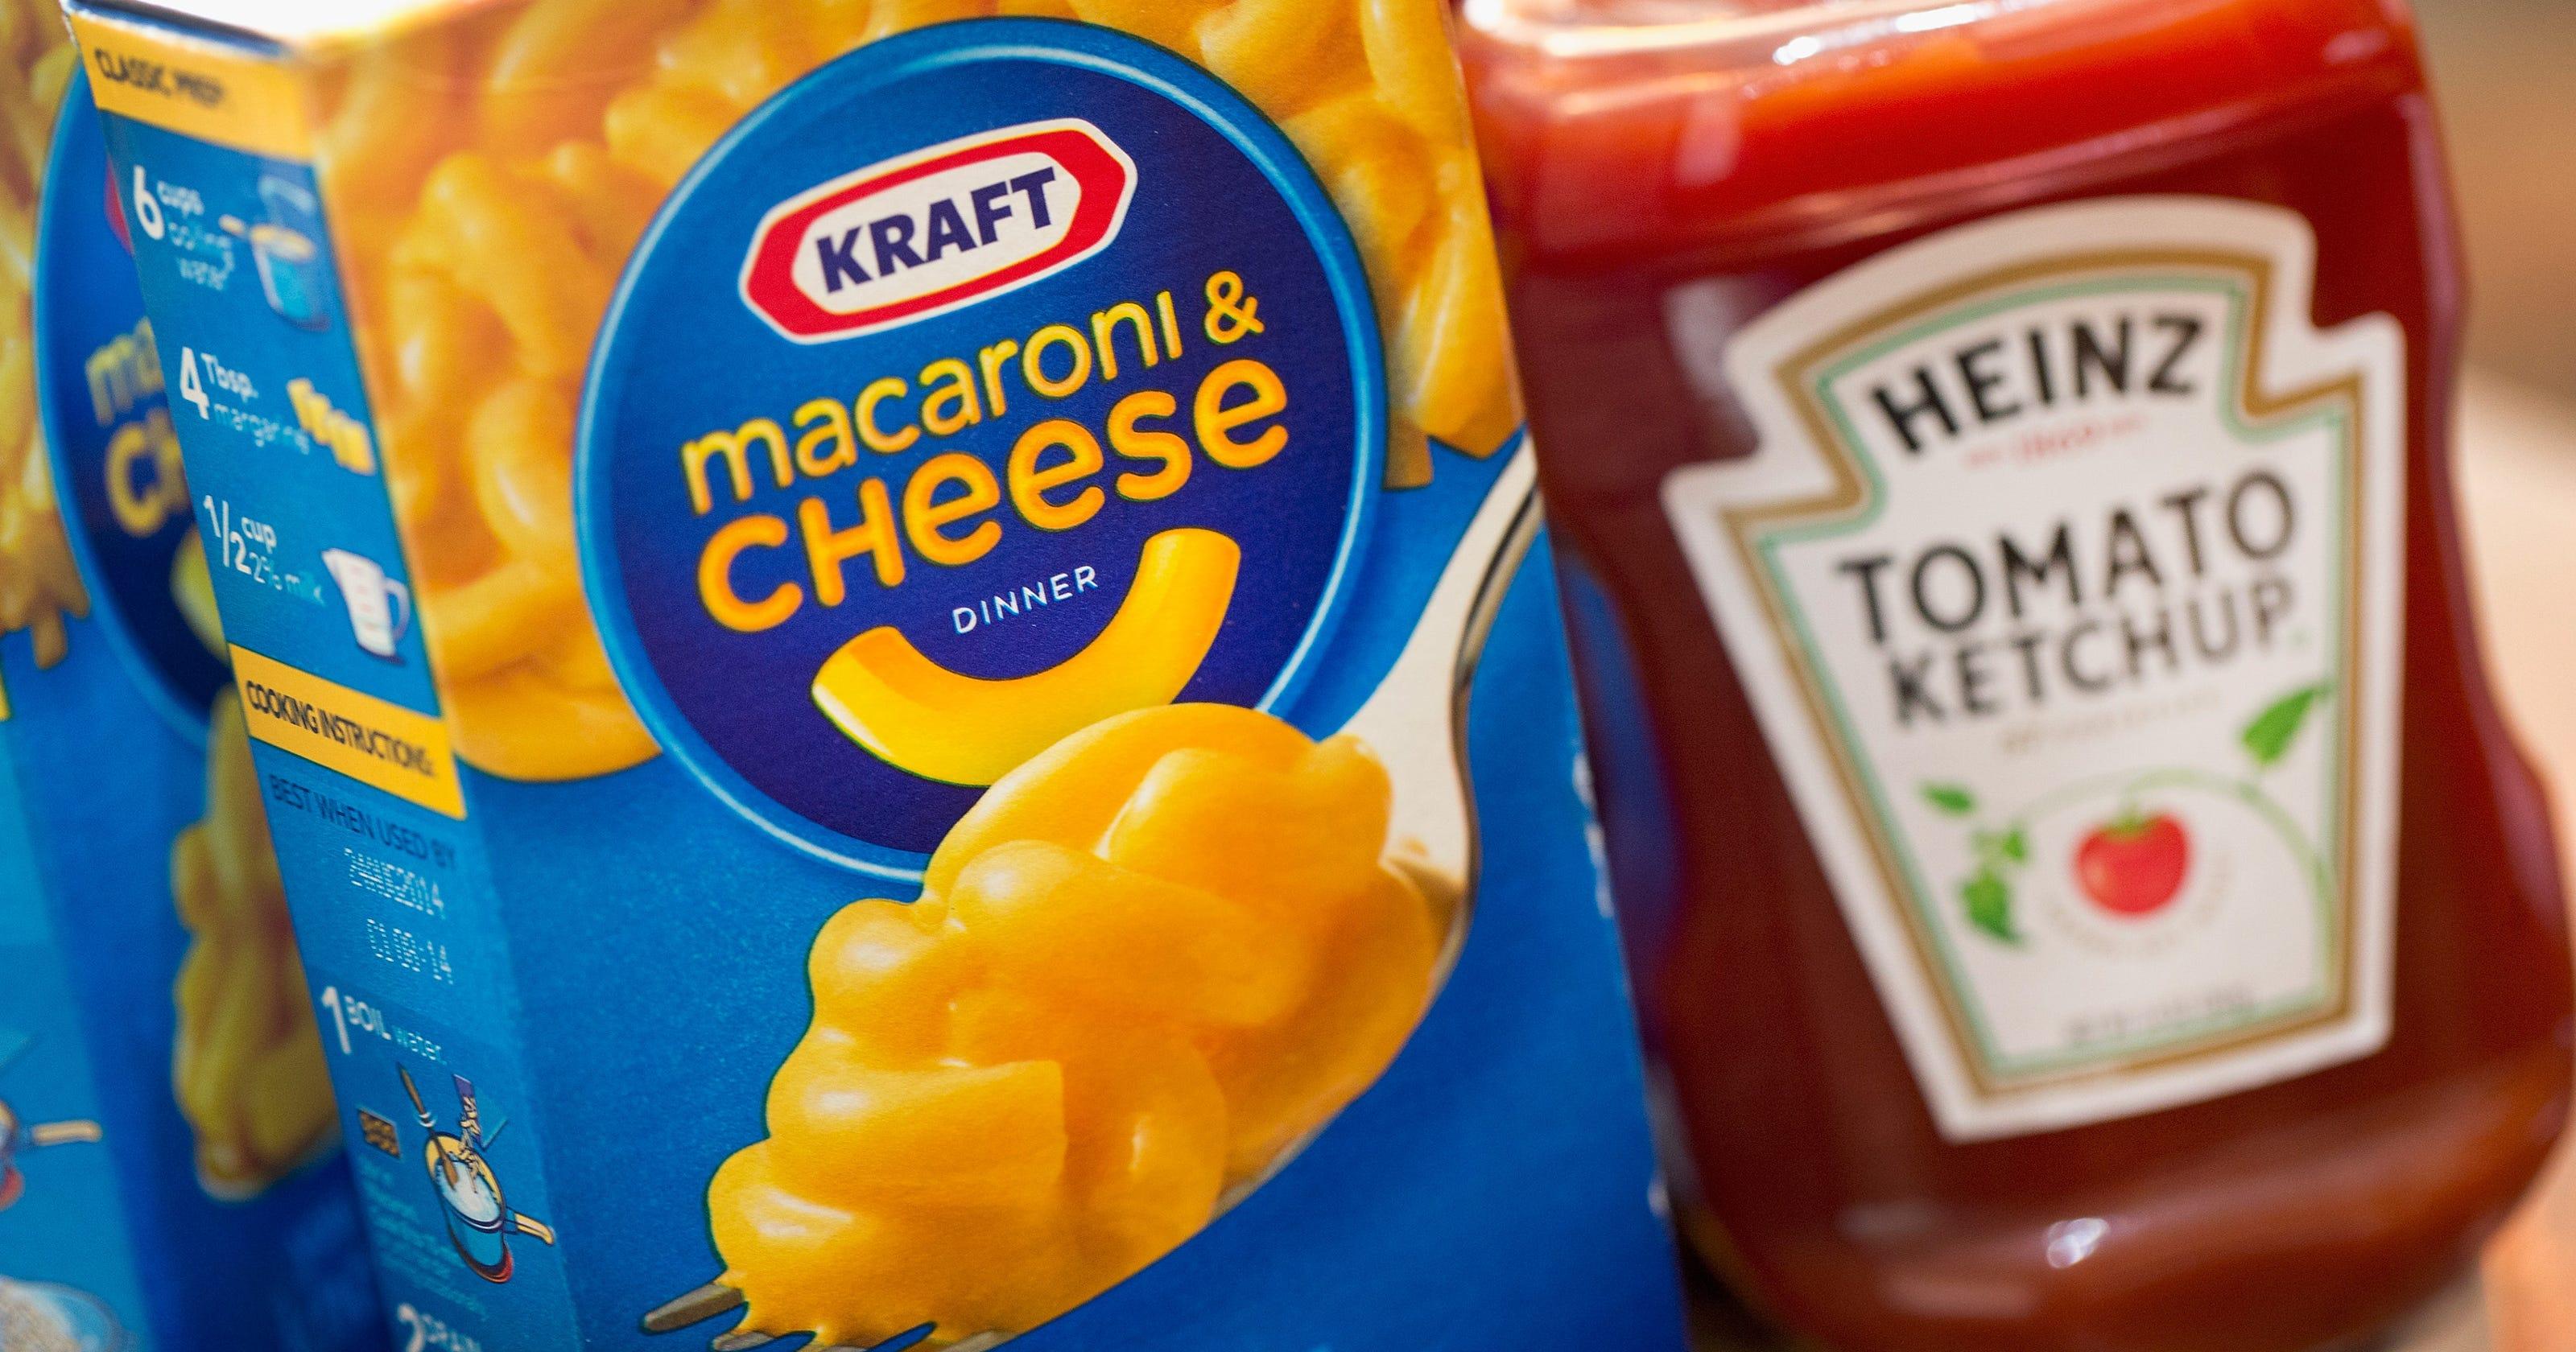 Kraft Heinz to shut 7 plants in U S , Canada, lay off 2,600